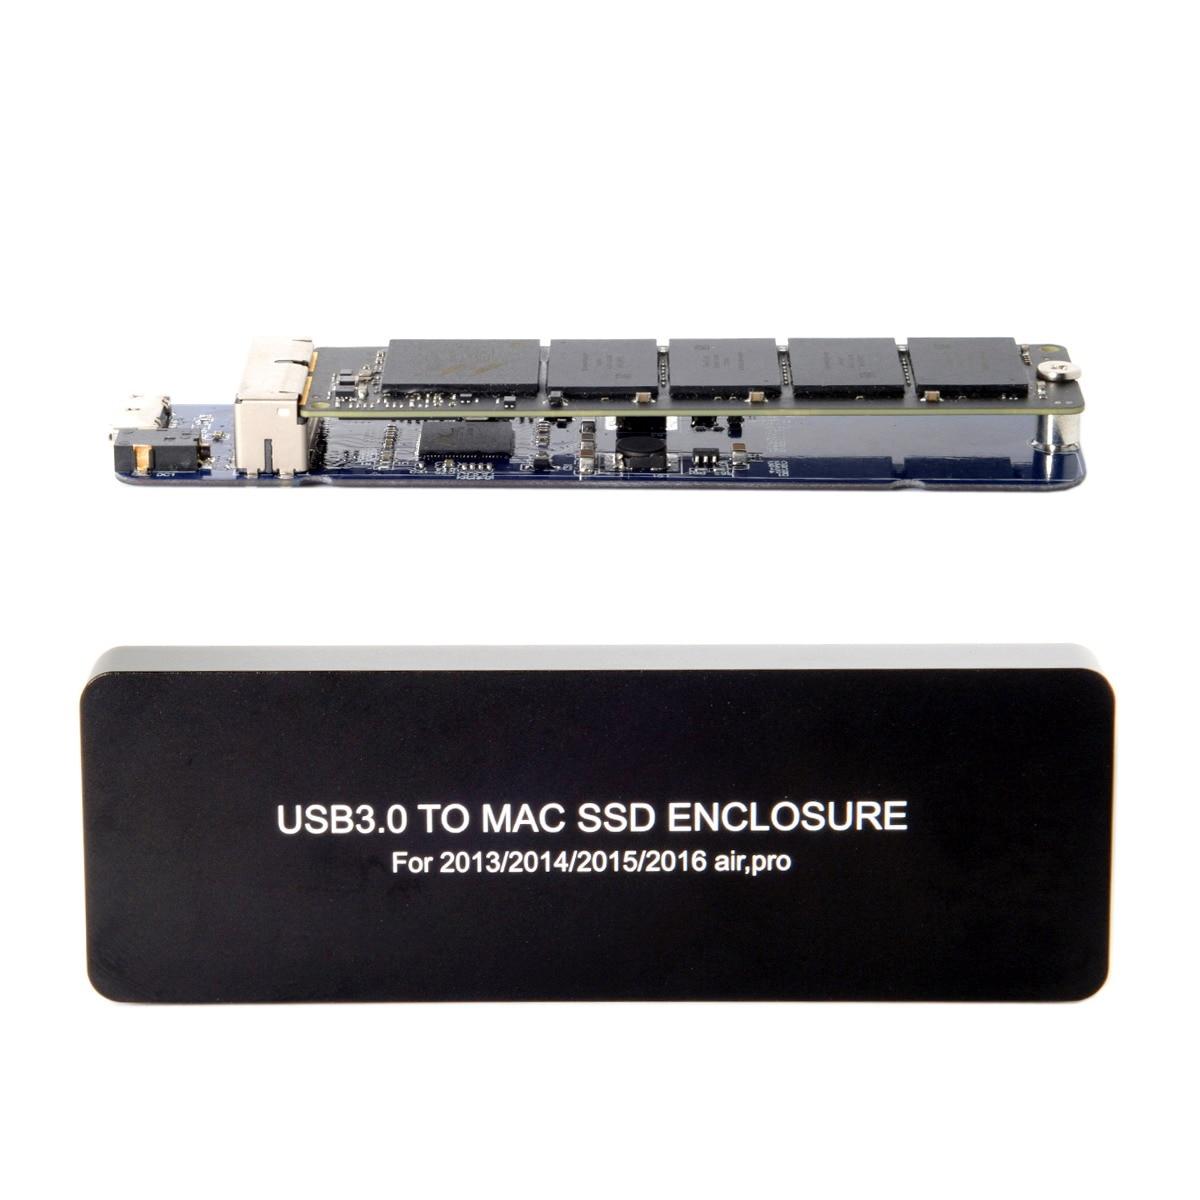 10 pcs/lot Cablecc Mac book Air Pro 2013 2014 2015 2016 SSD Étui Portable USB 3.0 à 16 + 12 Broches Mobile Boîte Boîtier de DISQUE DUR USB 3.0